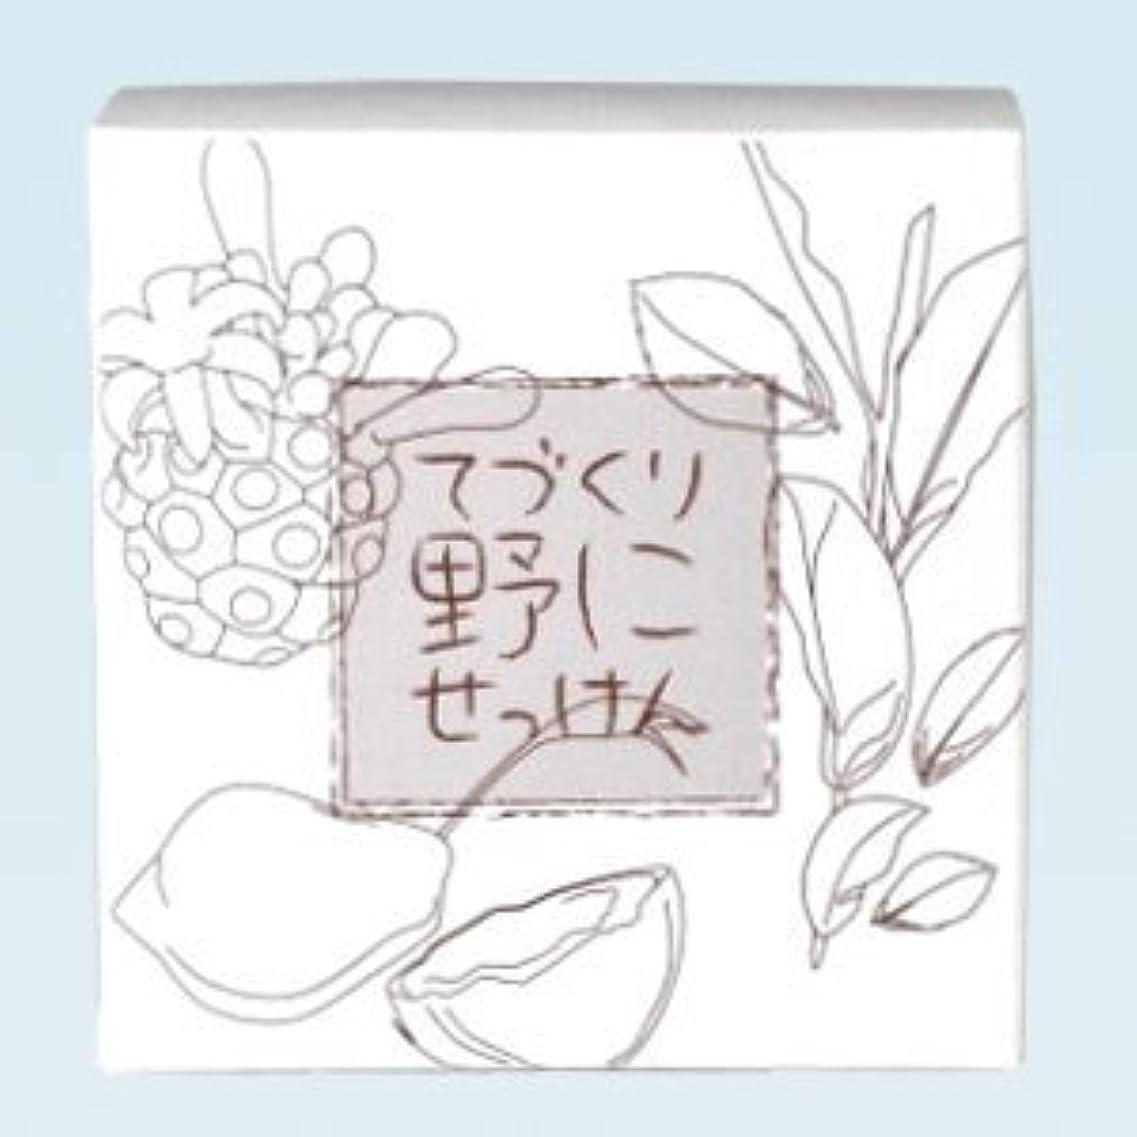 トピック悪意のある文献緑茶 ノニ石鹸 てづくり野にせっけん(115g)